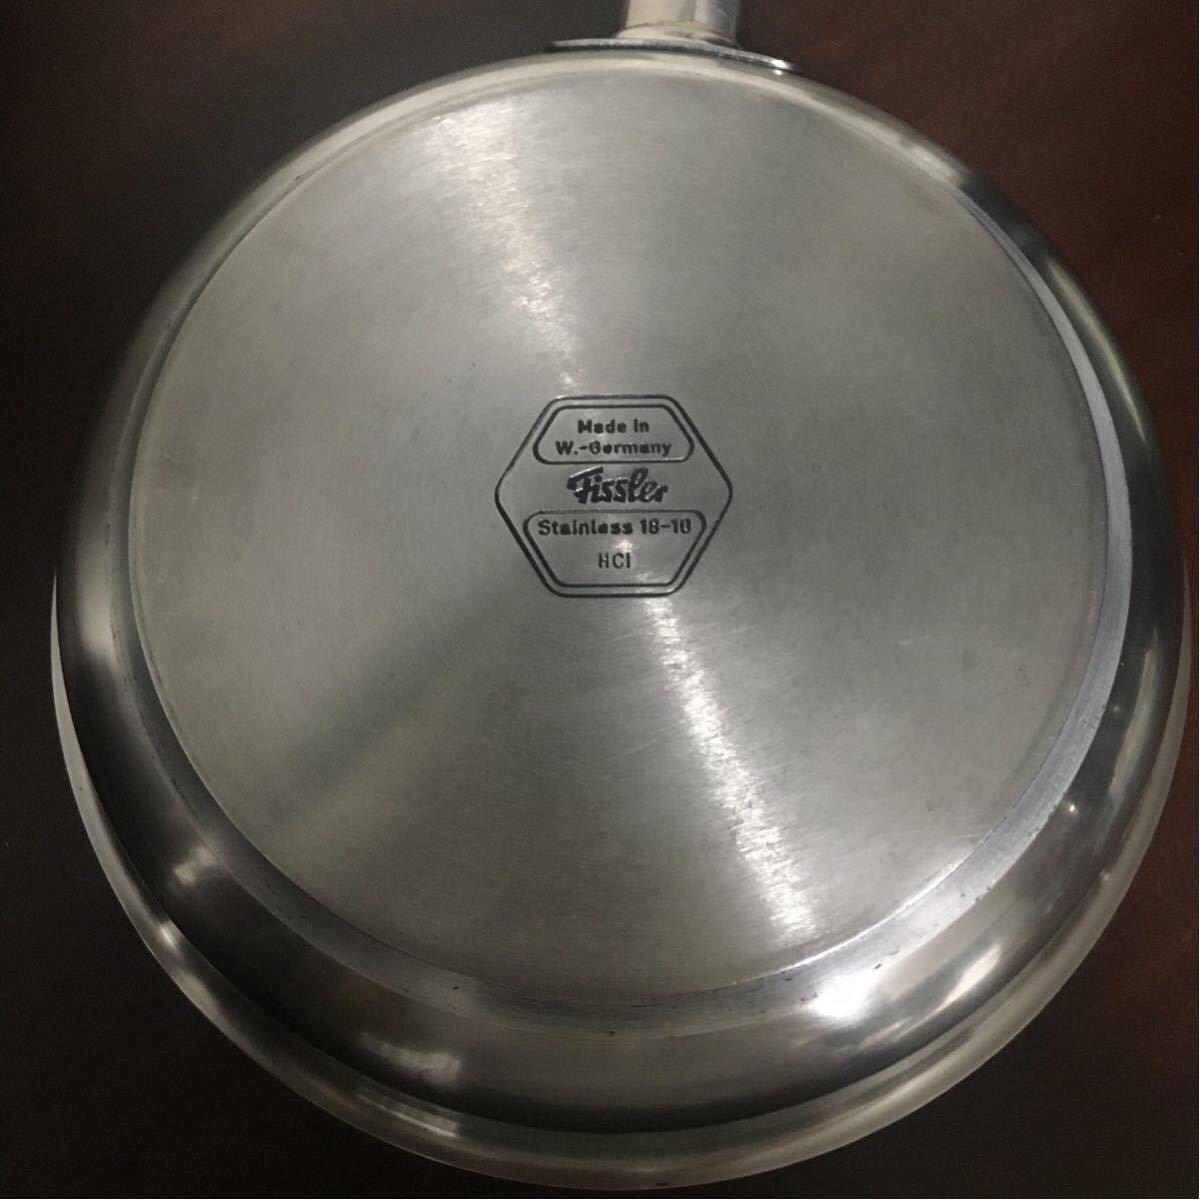 【中古美品】銀座松屋購入フィスラー Fissler プロコレクション フライパン直径24センチ_画像5